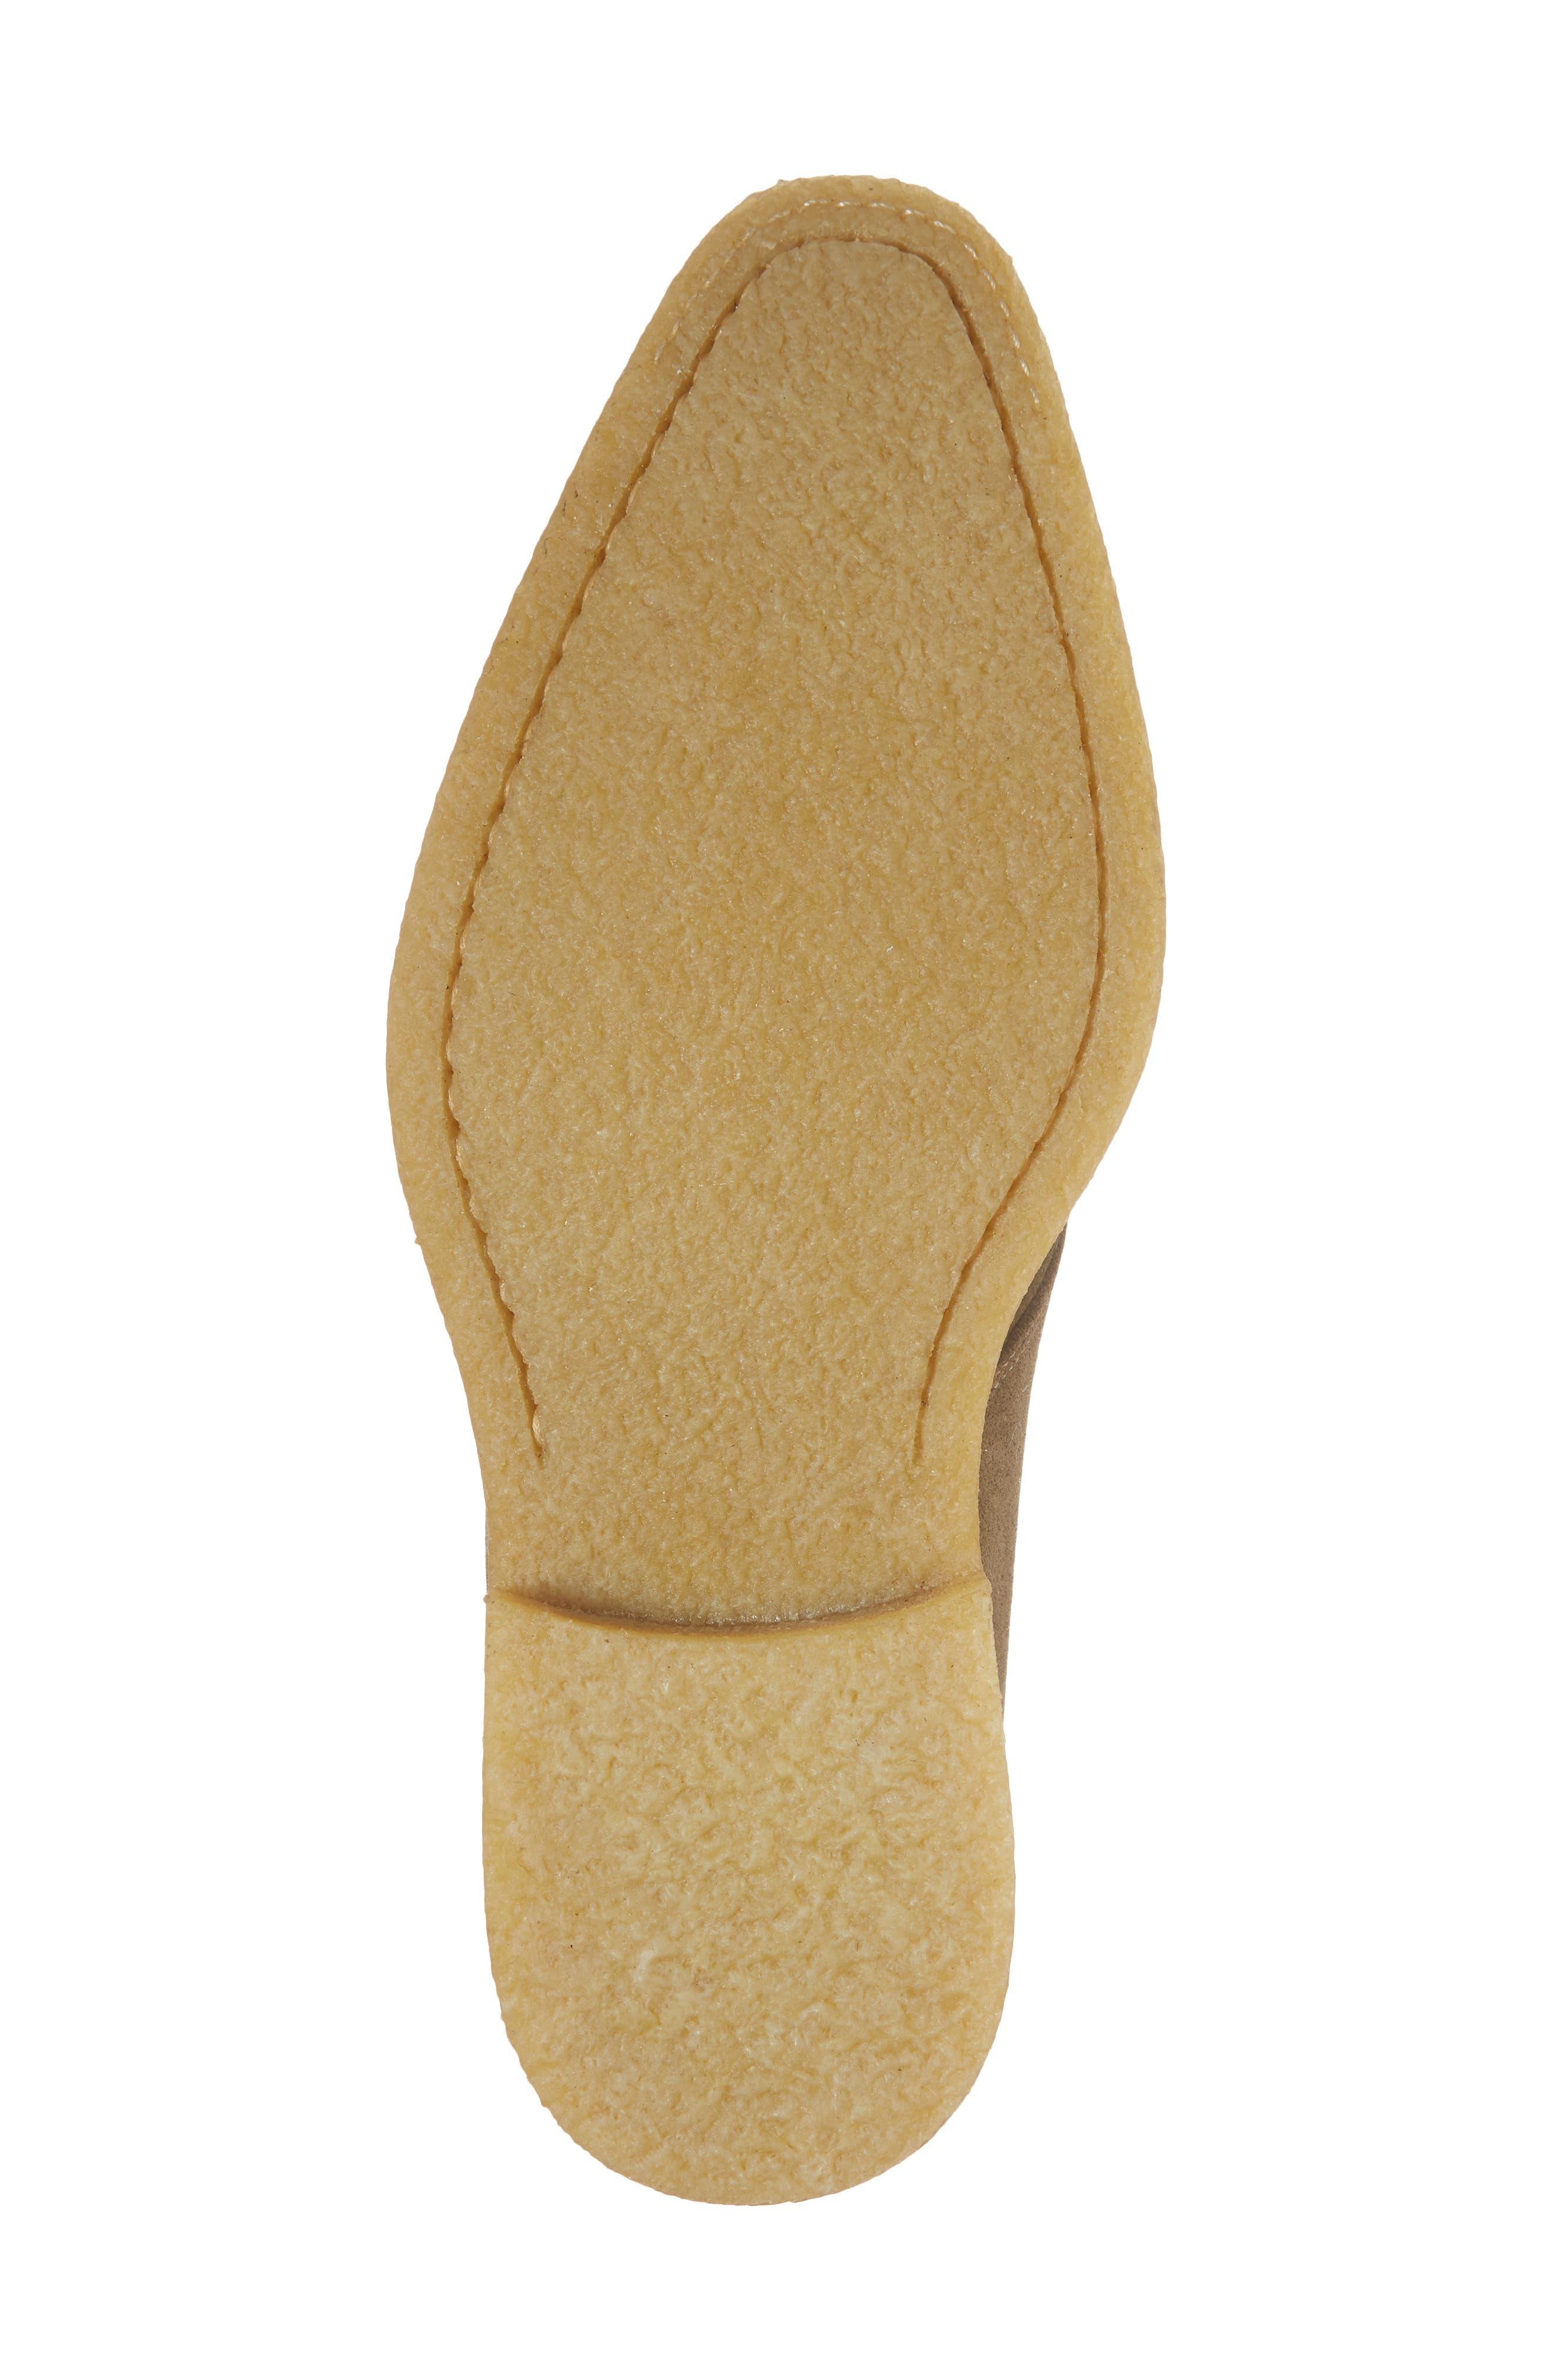 Baldwin Plain Toe Monk Shoe,                             Alternate thumbnail 6, color,                             Taupe Suede